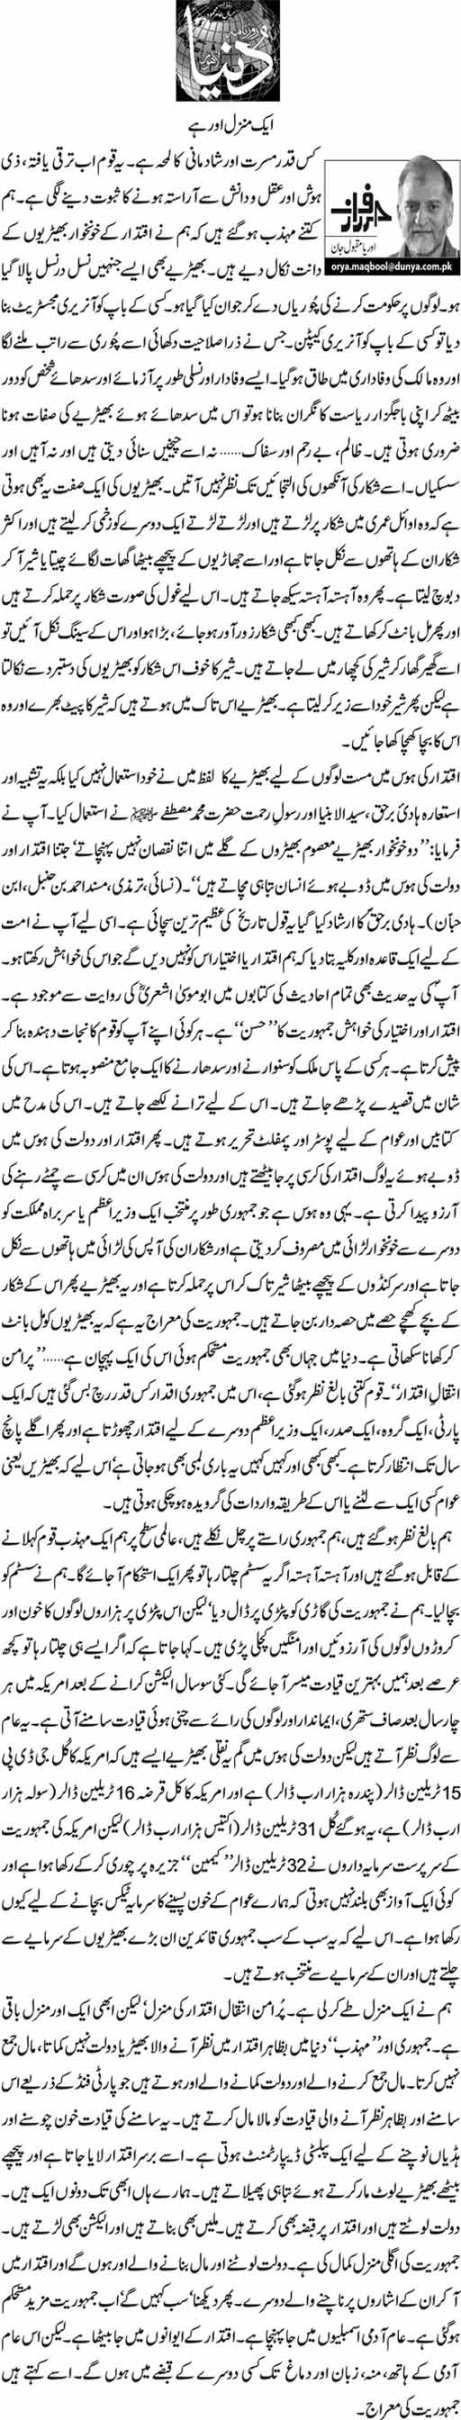 Ekk Manzil Aur Hai - Orya Maqbool Jan